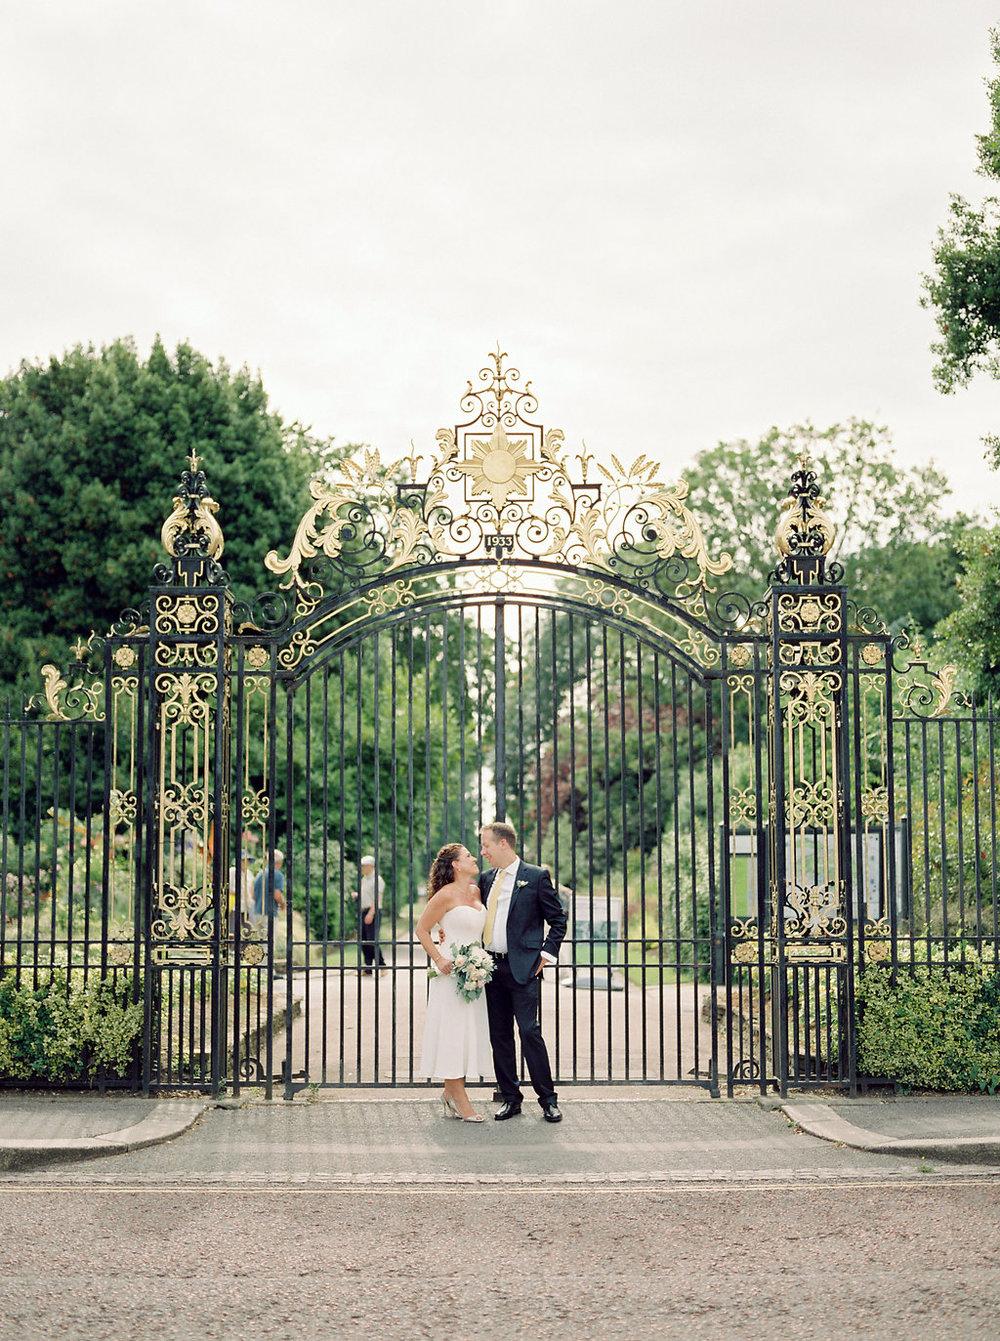 queen mary rose garden wedding photos in london